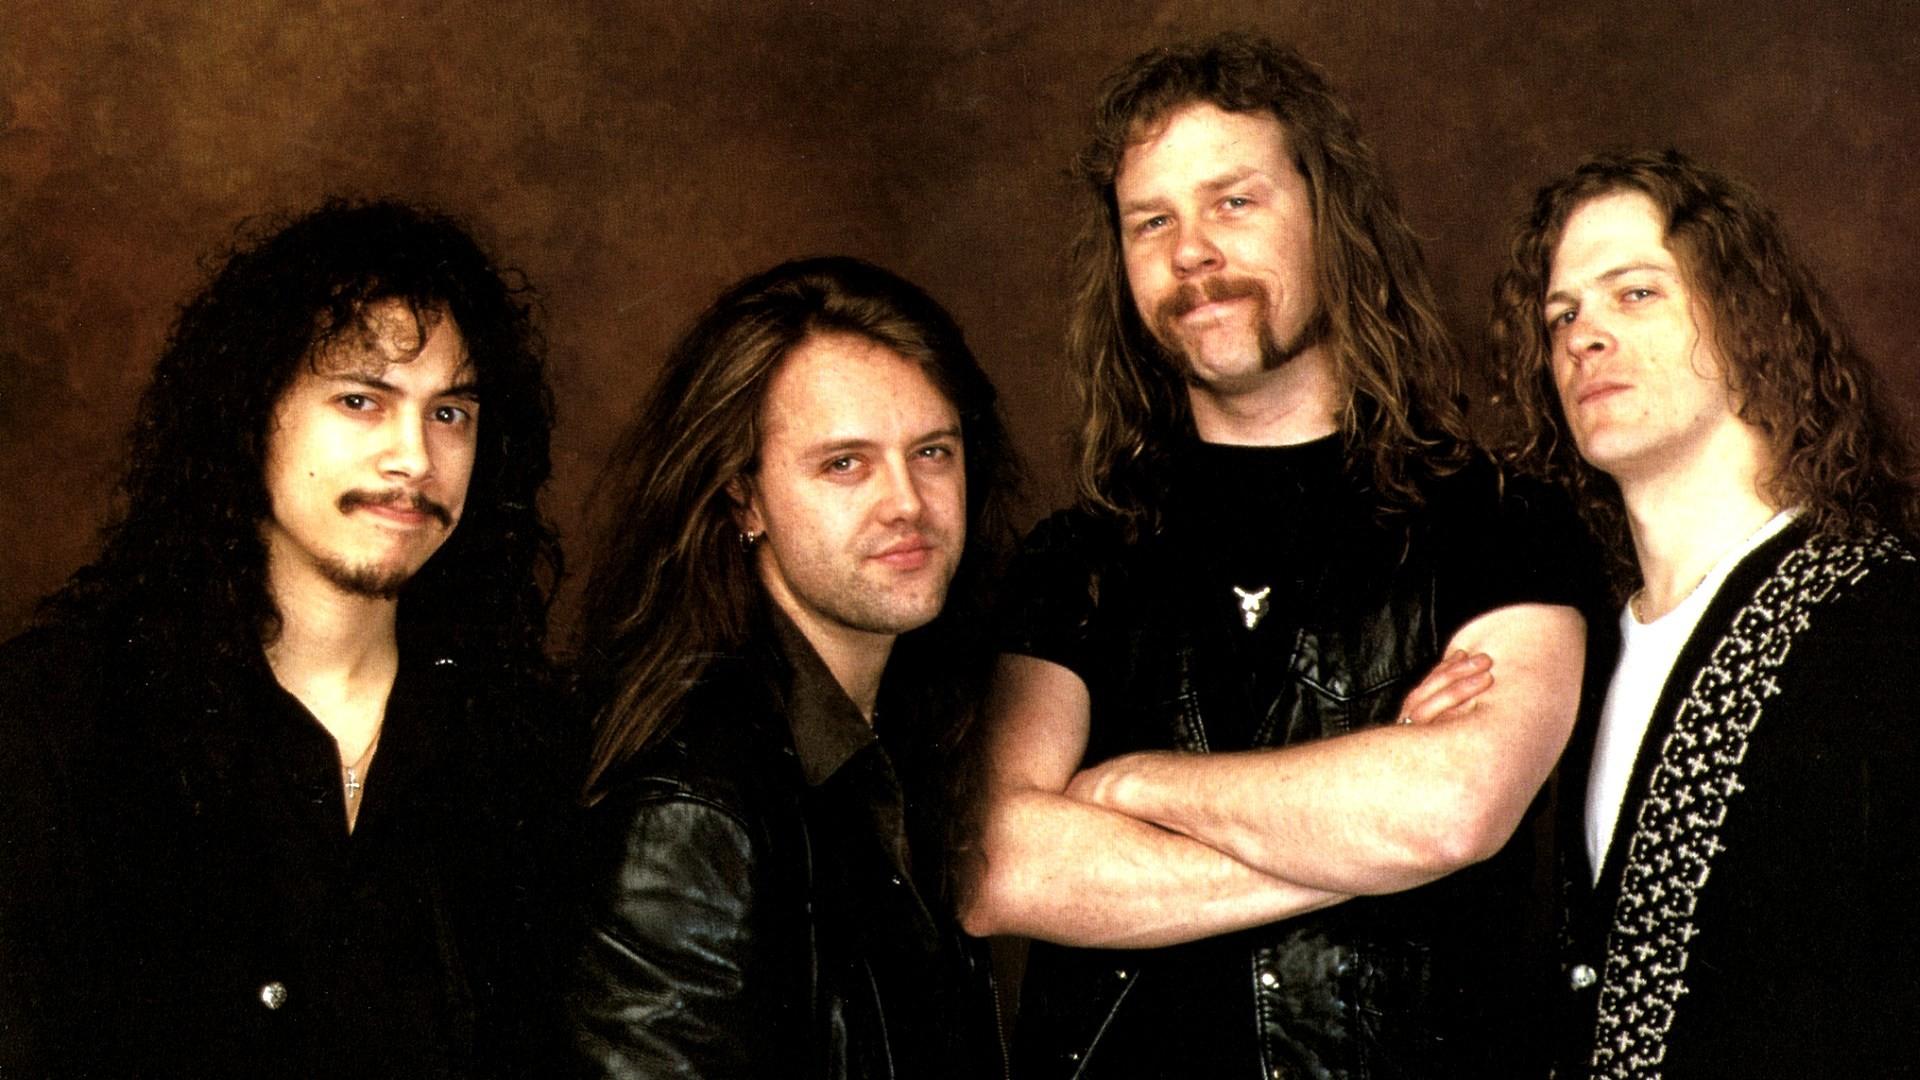 Music – Metallica Wallpaper